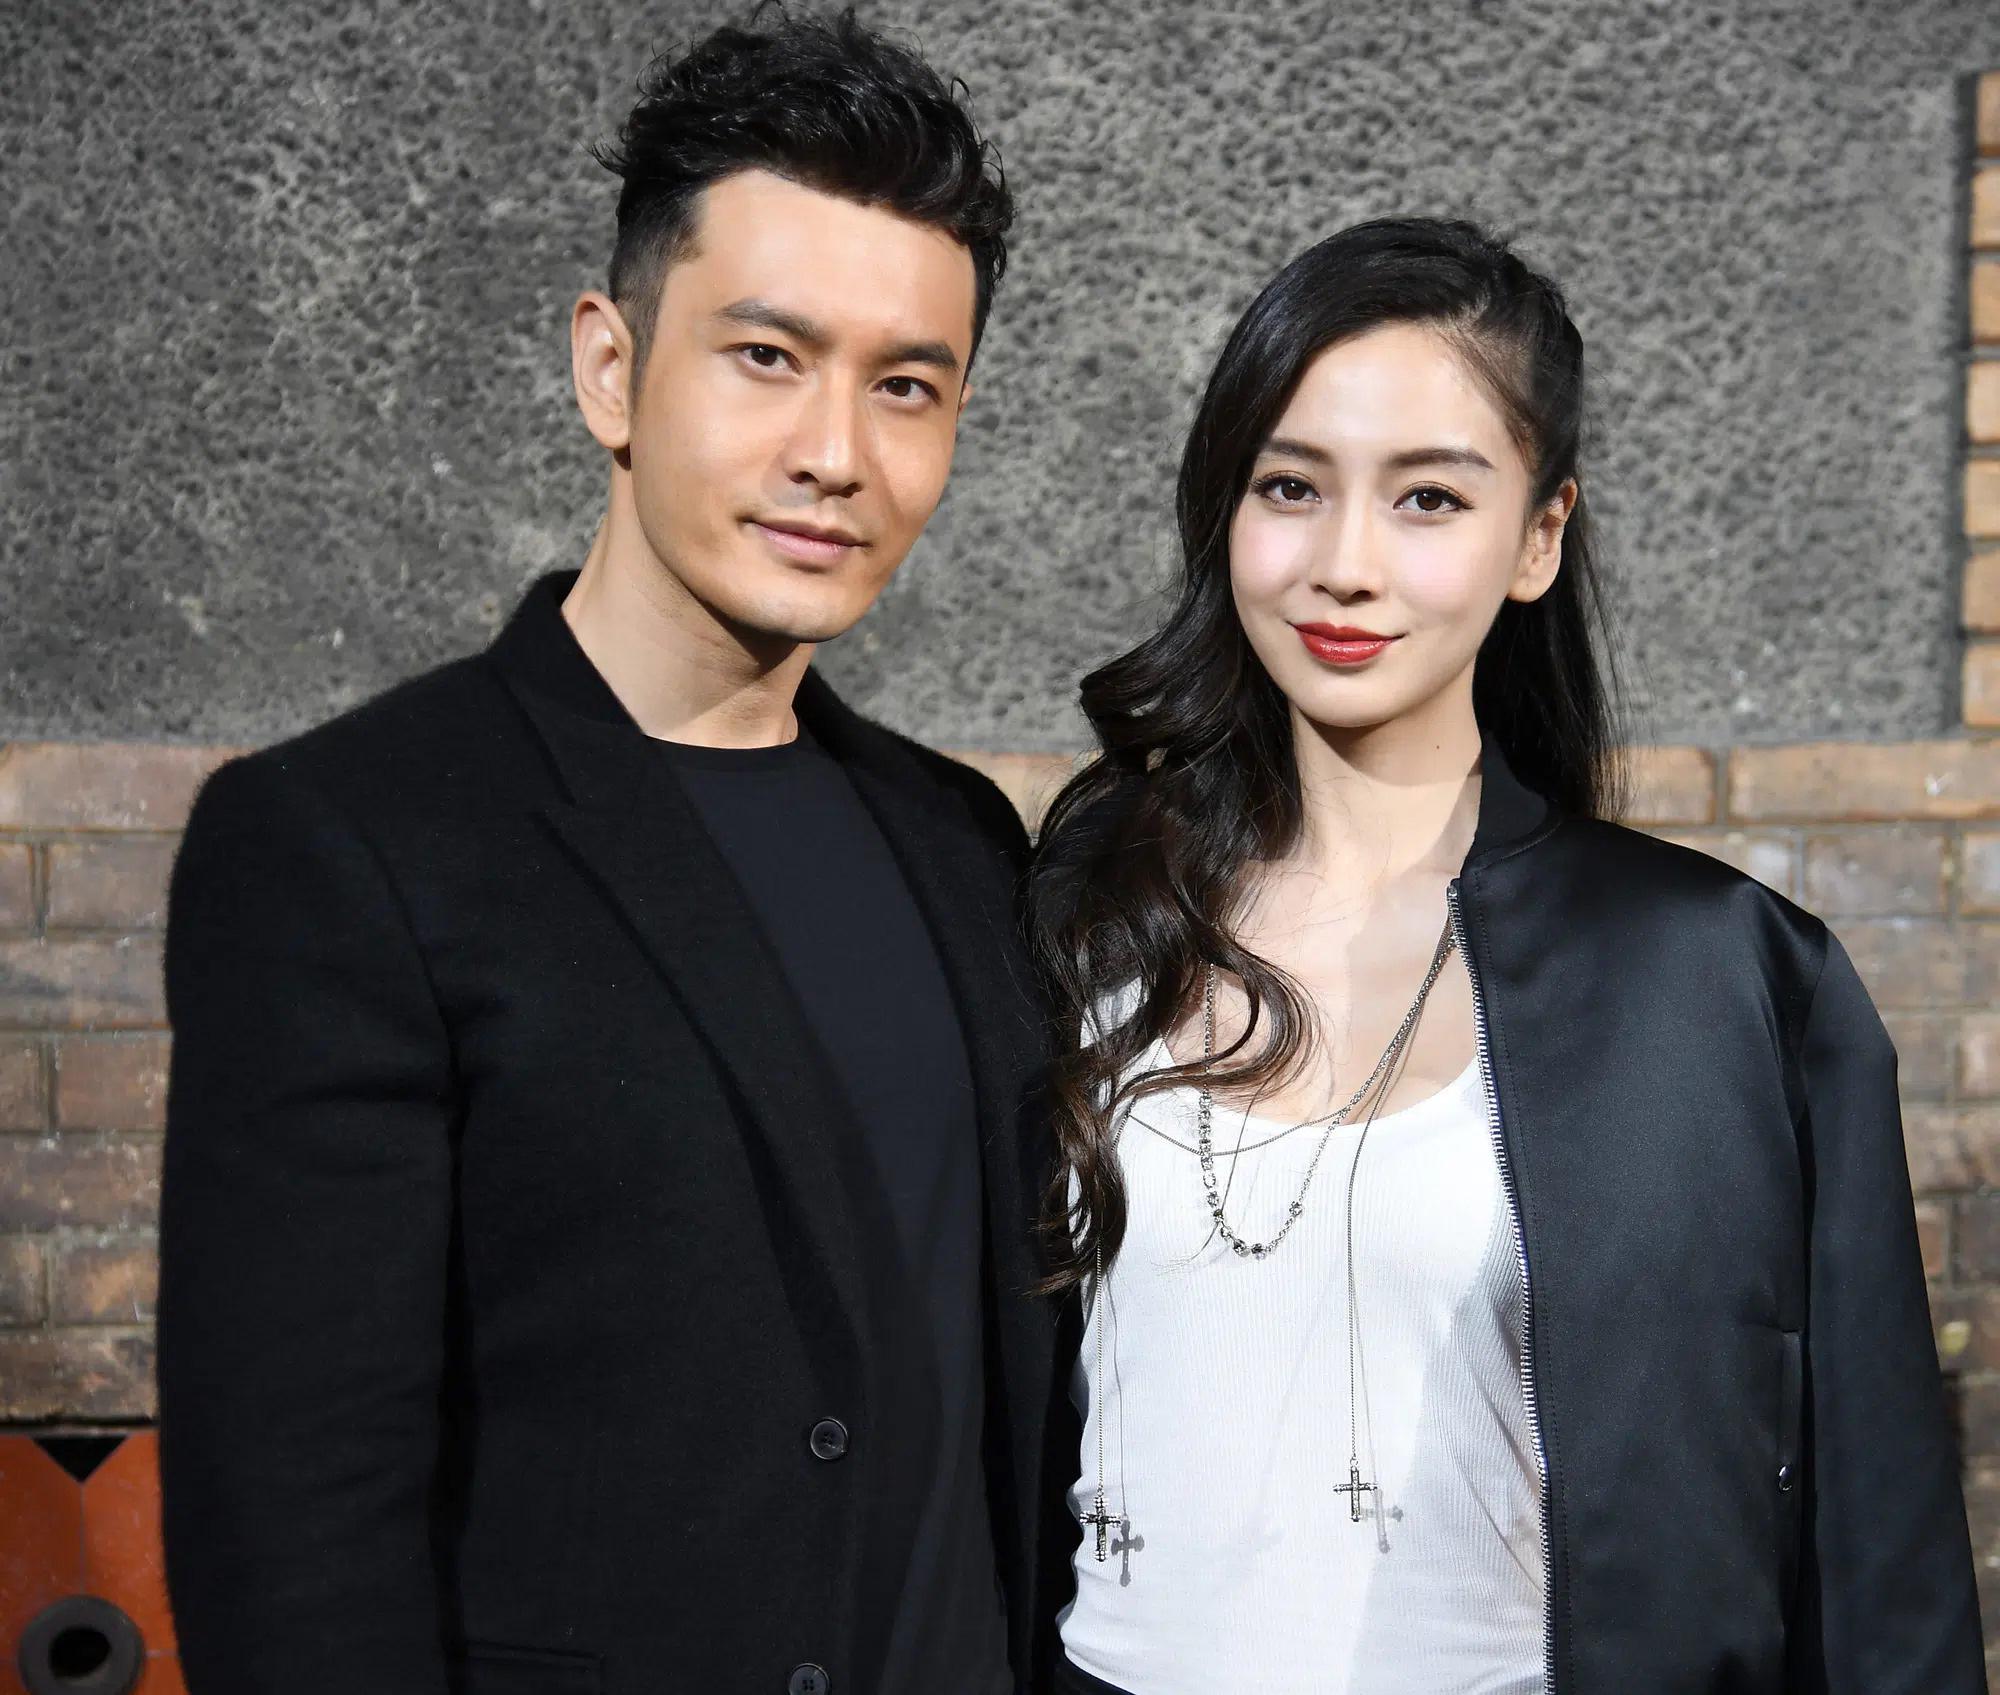 Angela Baby đi du lịch cùng trai trẻ giữa tin đồn ly hôn Huỳnh Hiểu Minh? - Ảnh 3.